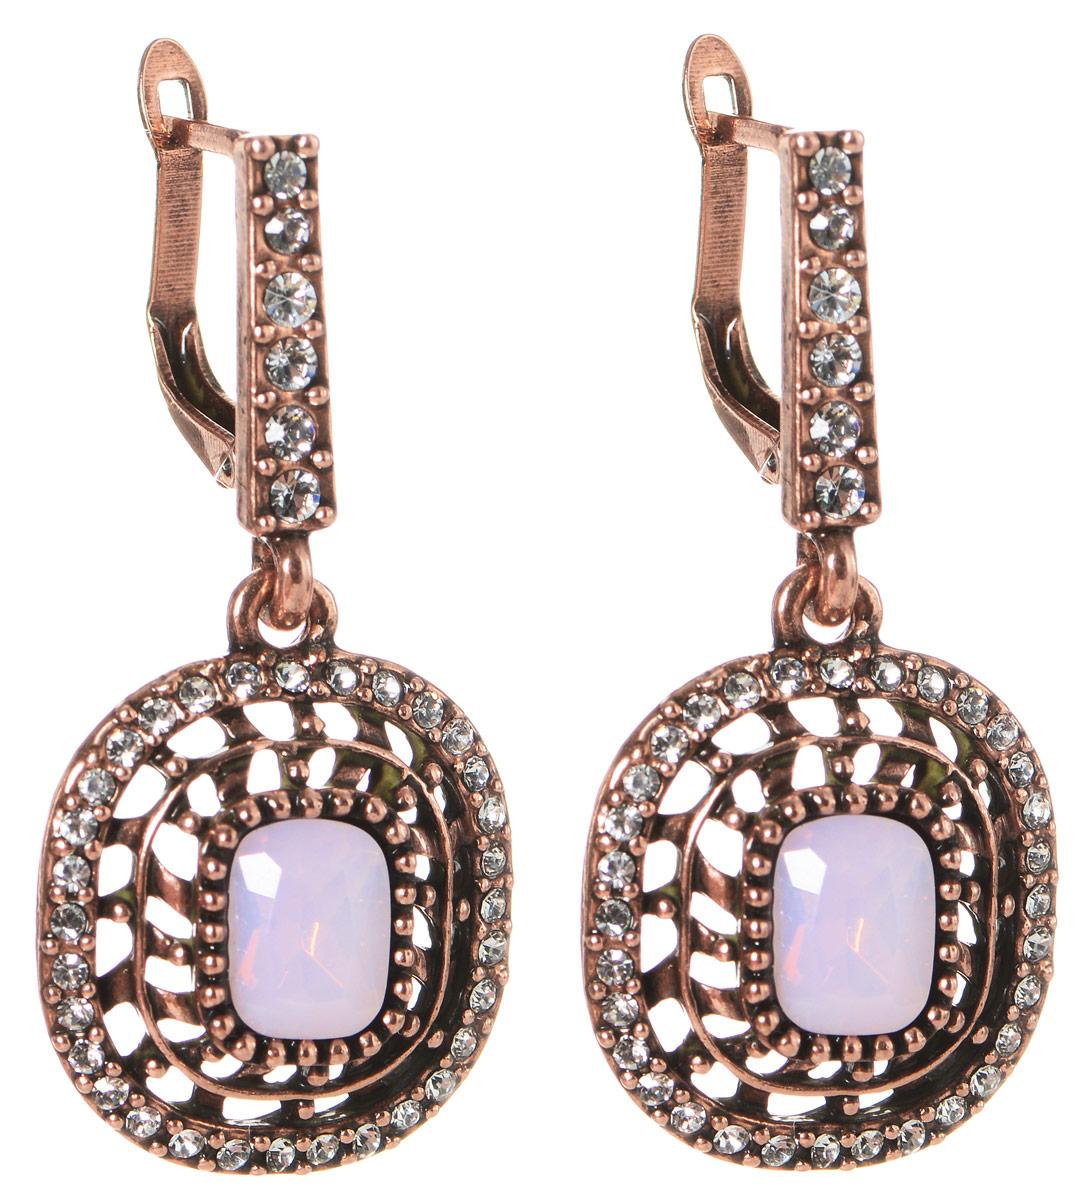 Серьги Art-Silver, цвет: бронзовый, розовый. MS05359E-OC-A-887